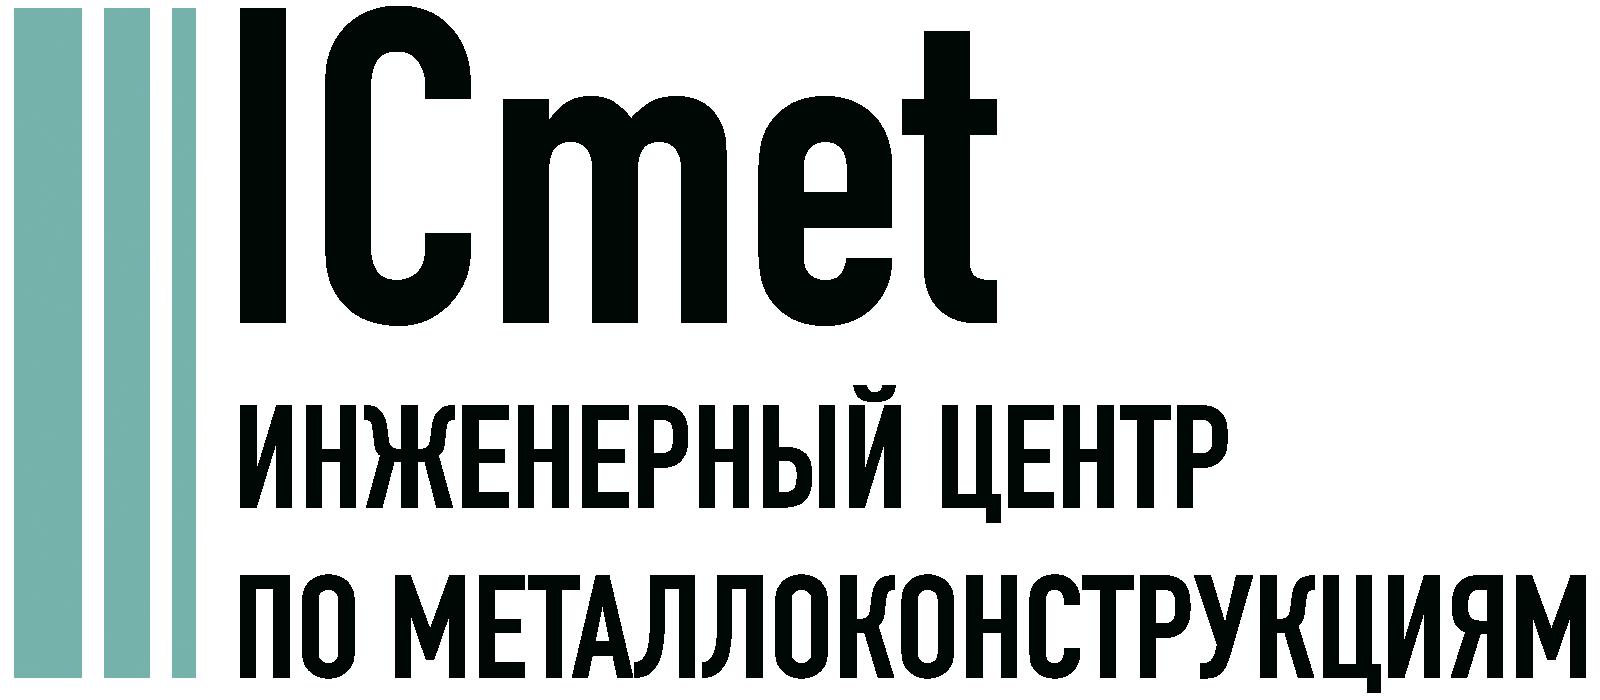 Проектирование металлоконструкций в Ростове-на-Дону